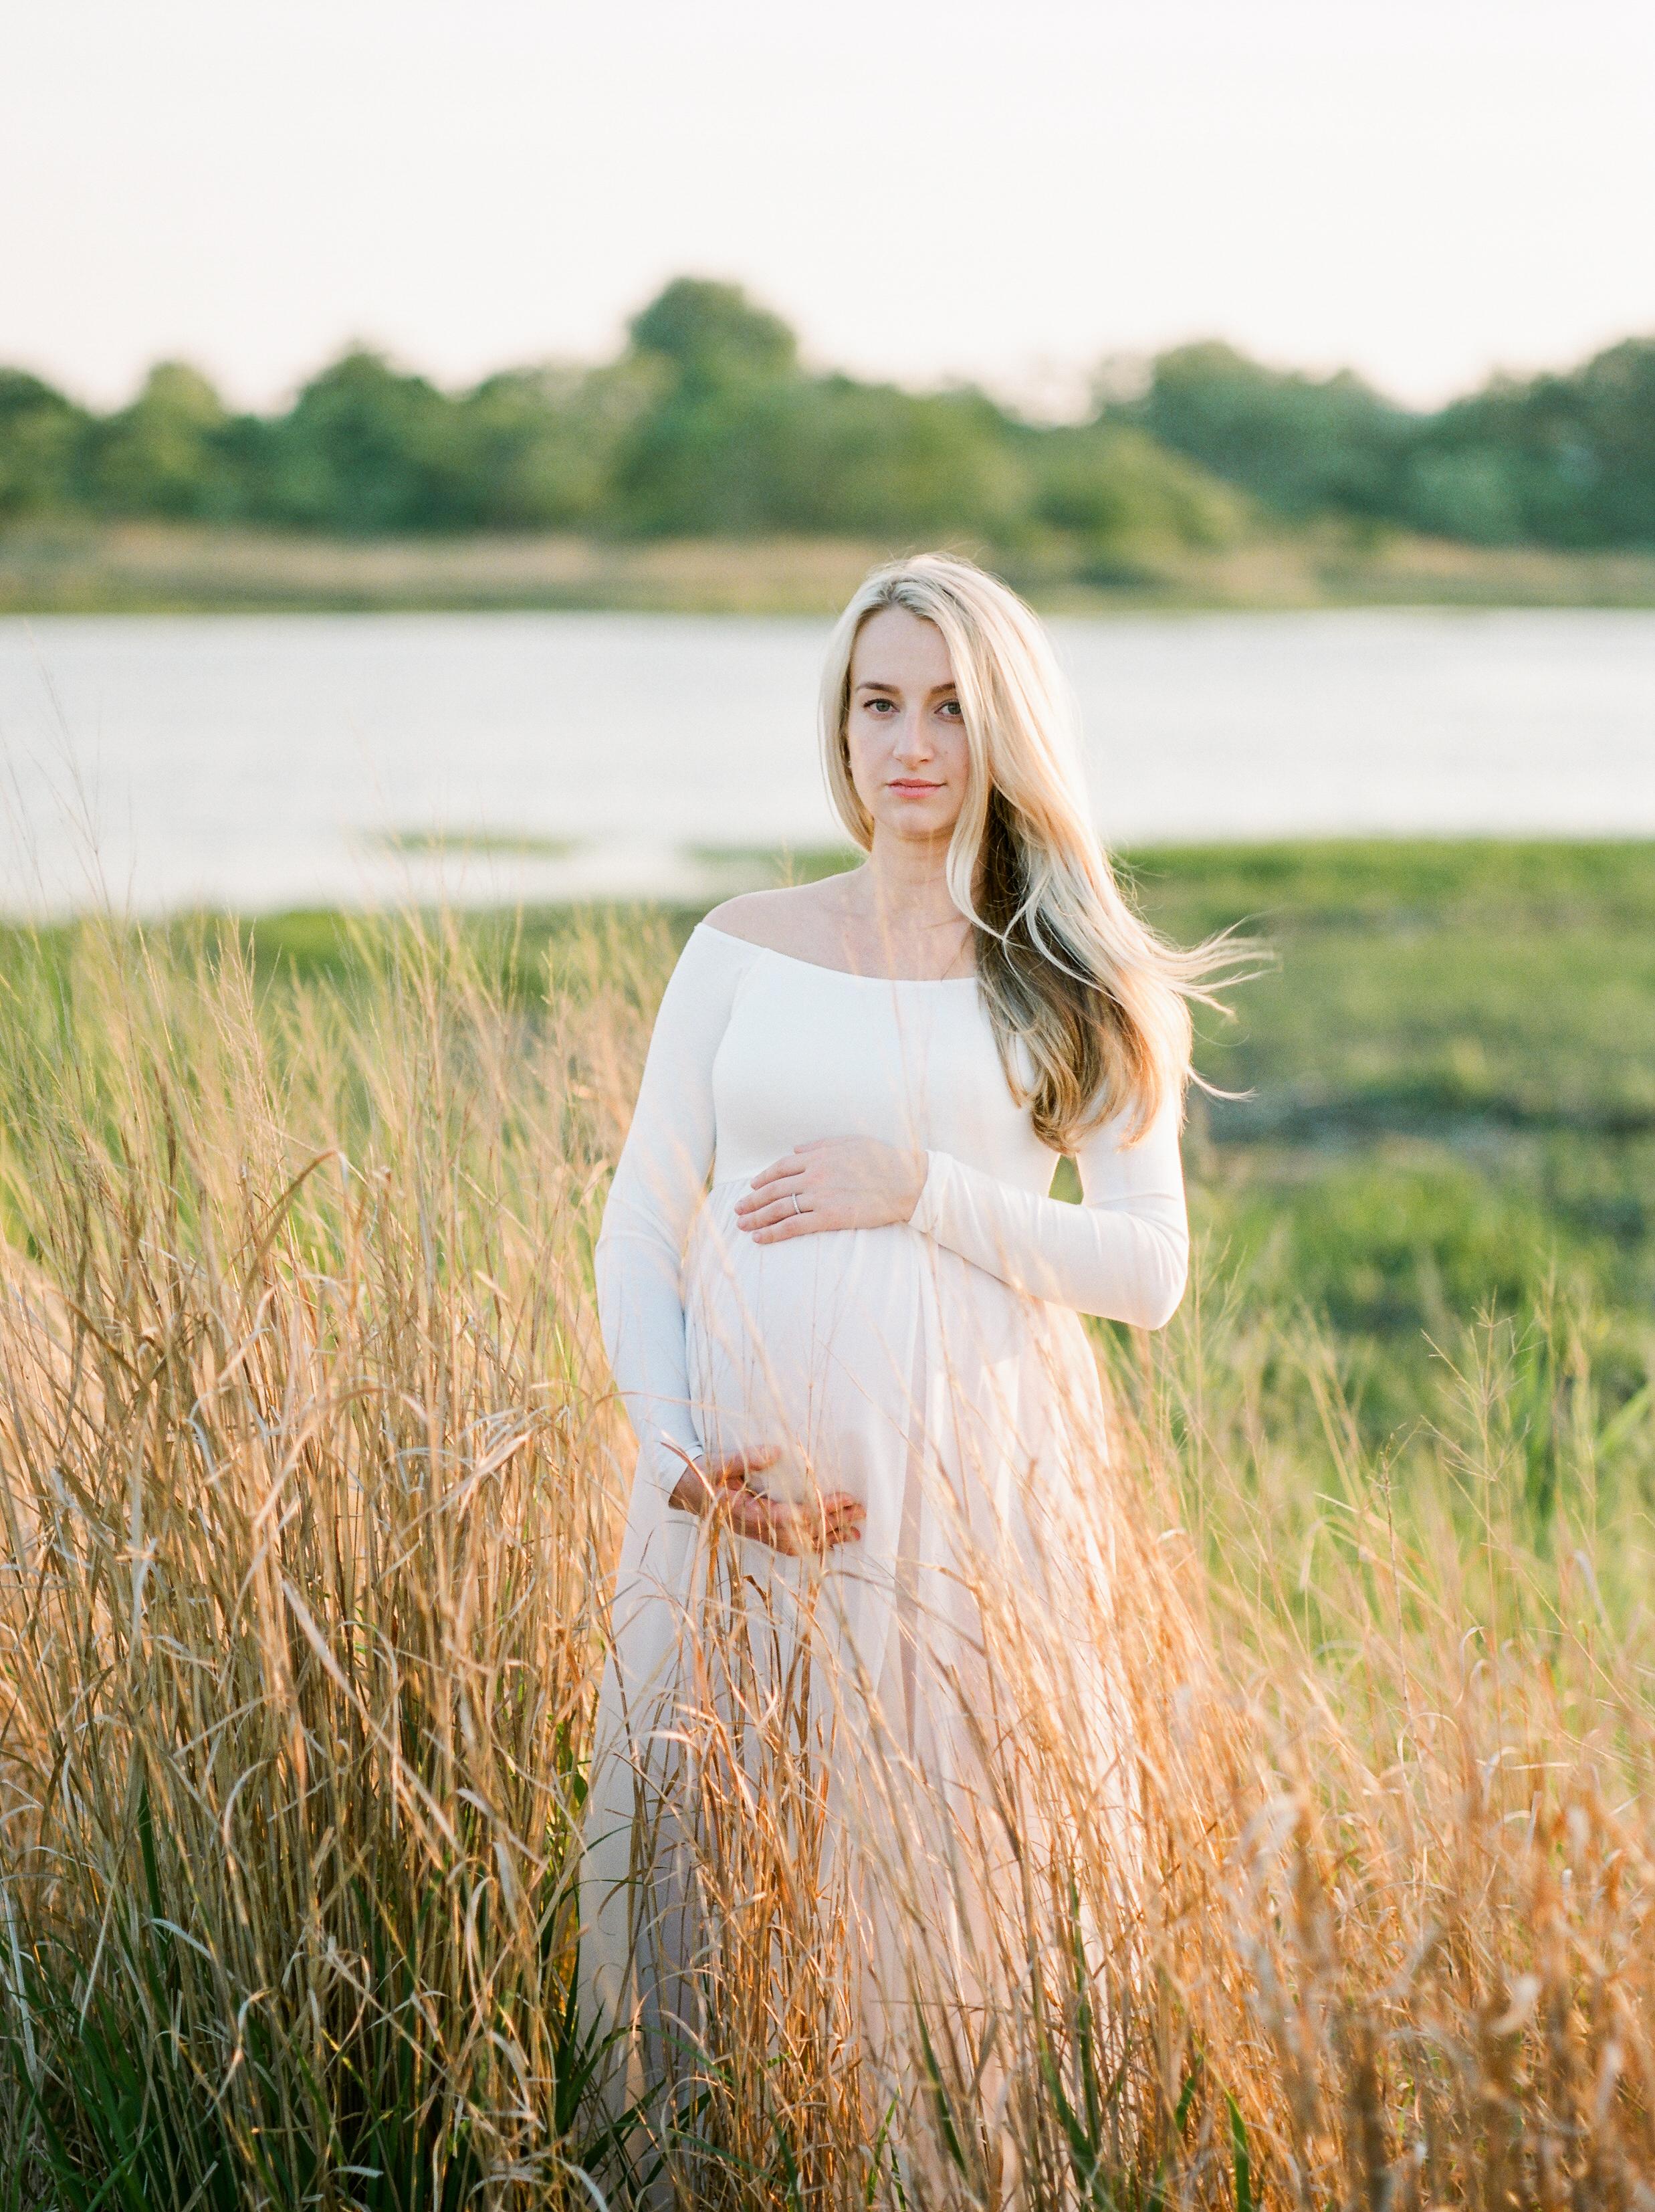 olya_vitulli_photography_martyna_maternity-1-21.jpg